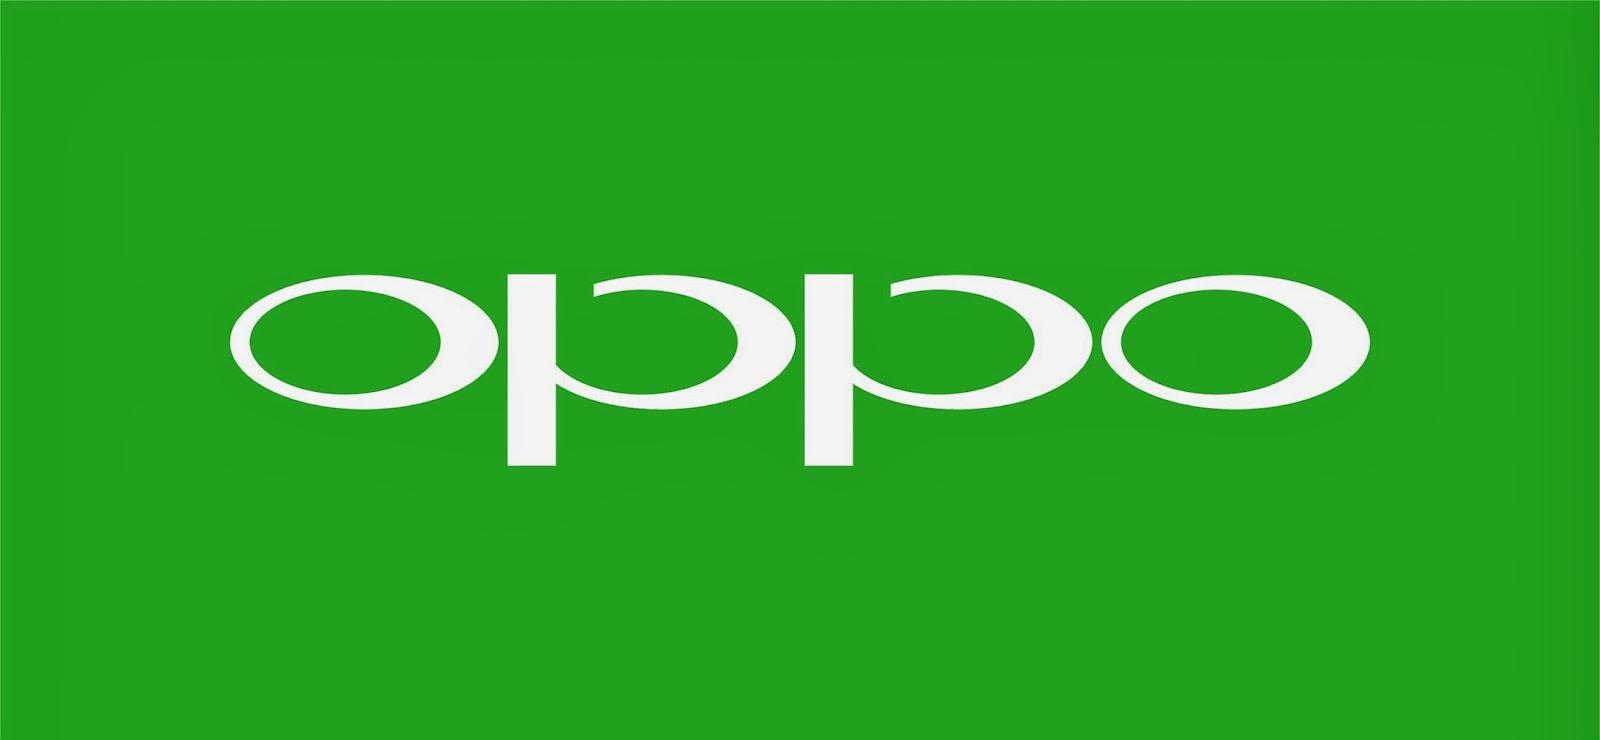 Oppo Find 9 disporrà di una fotocamera da 16 Megapixel e SoC Helio P10